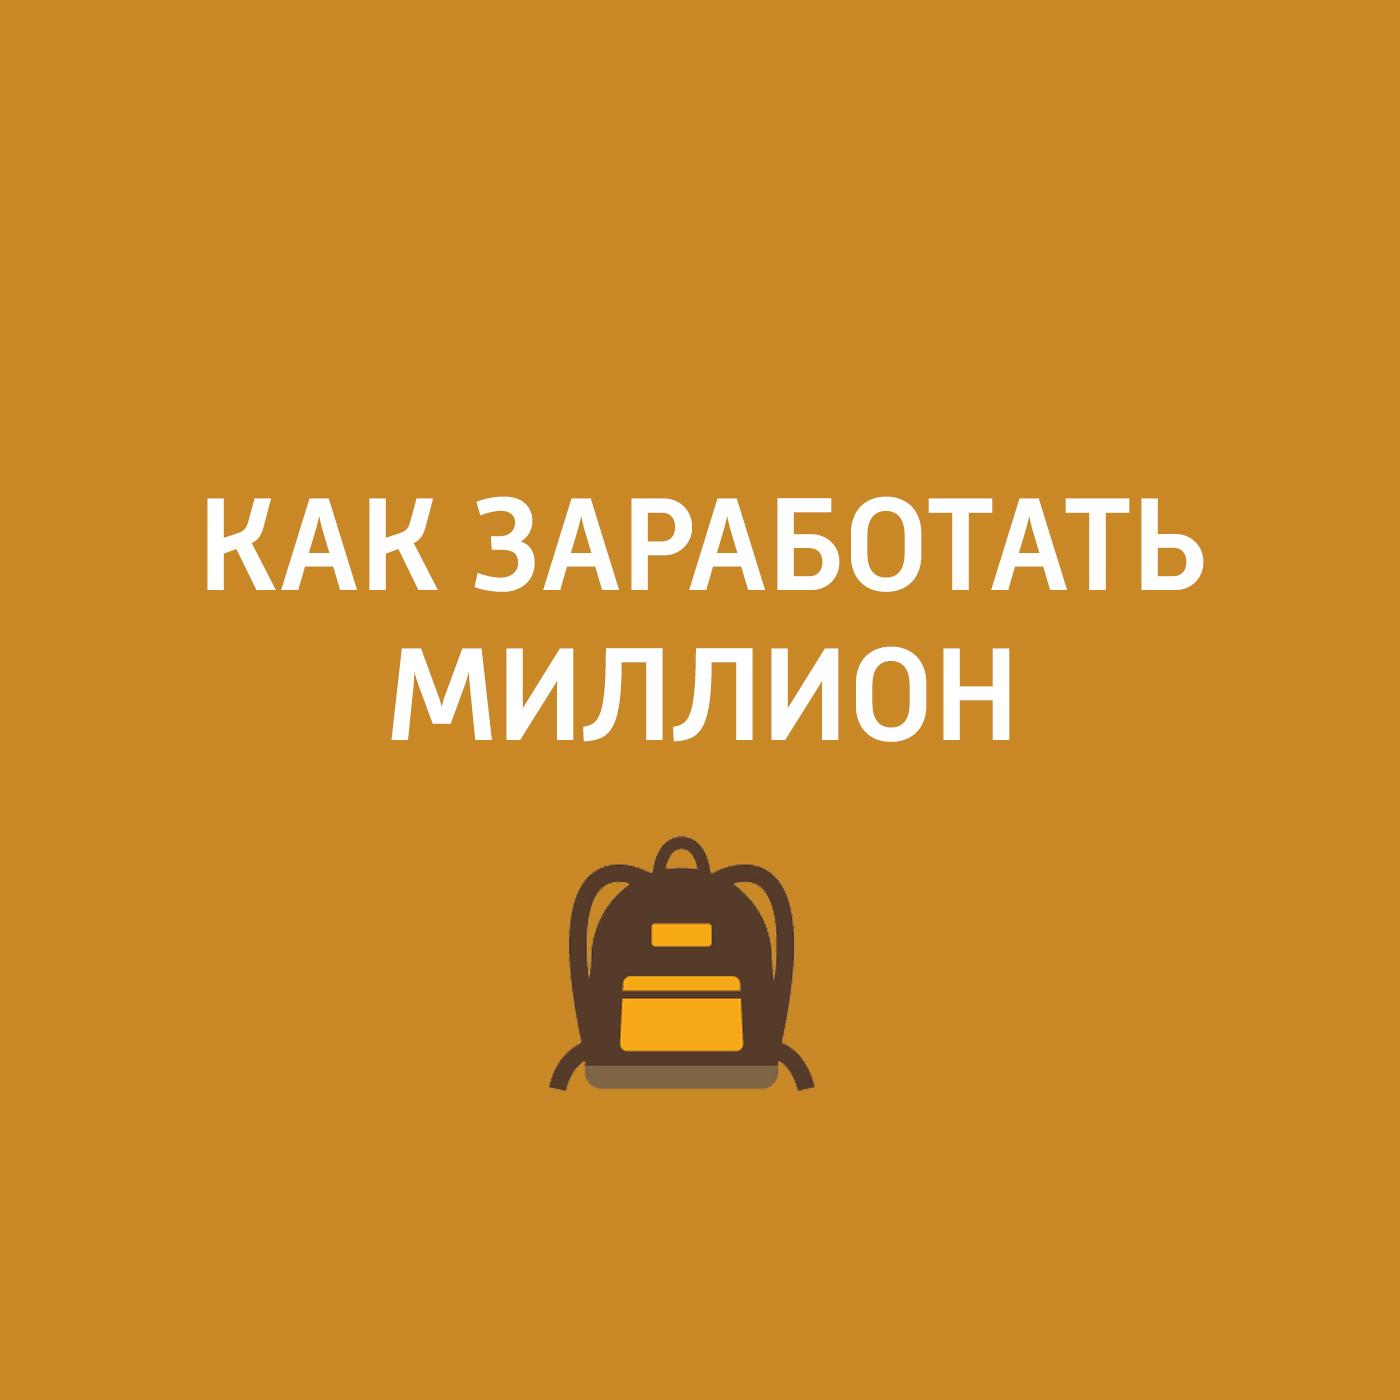 Торческий коллекти шоу «Сергей Стиллаин и его друзья» LavkaLavka